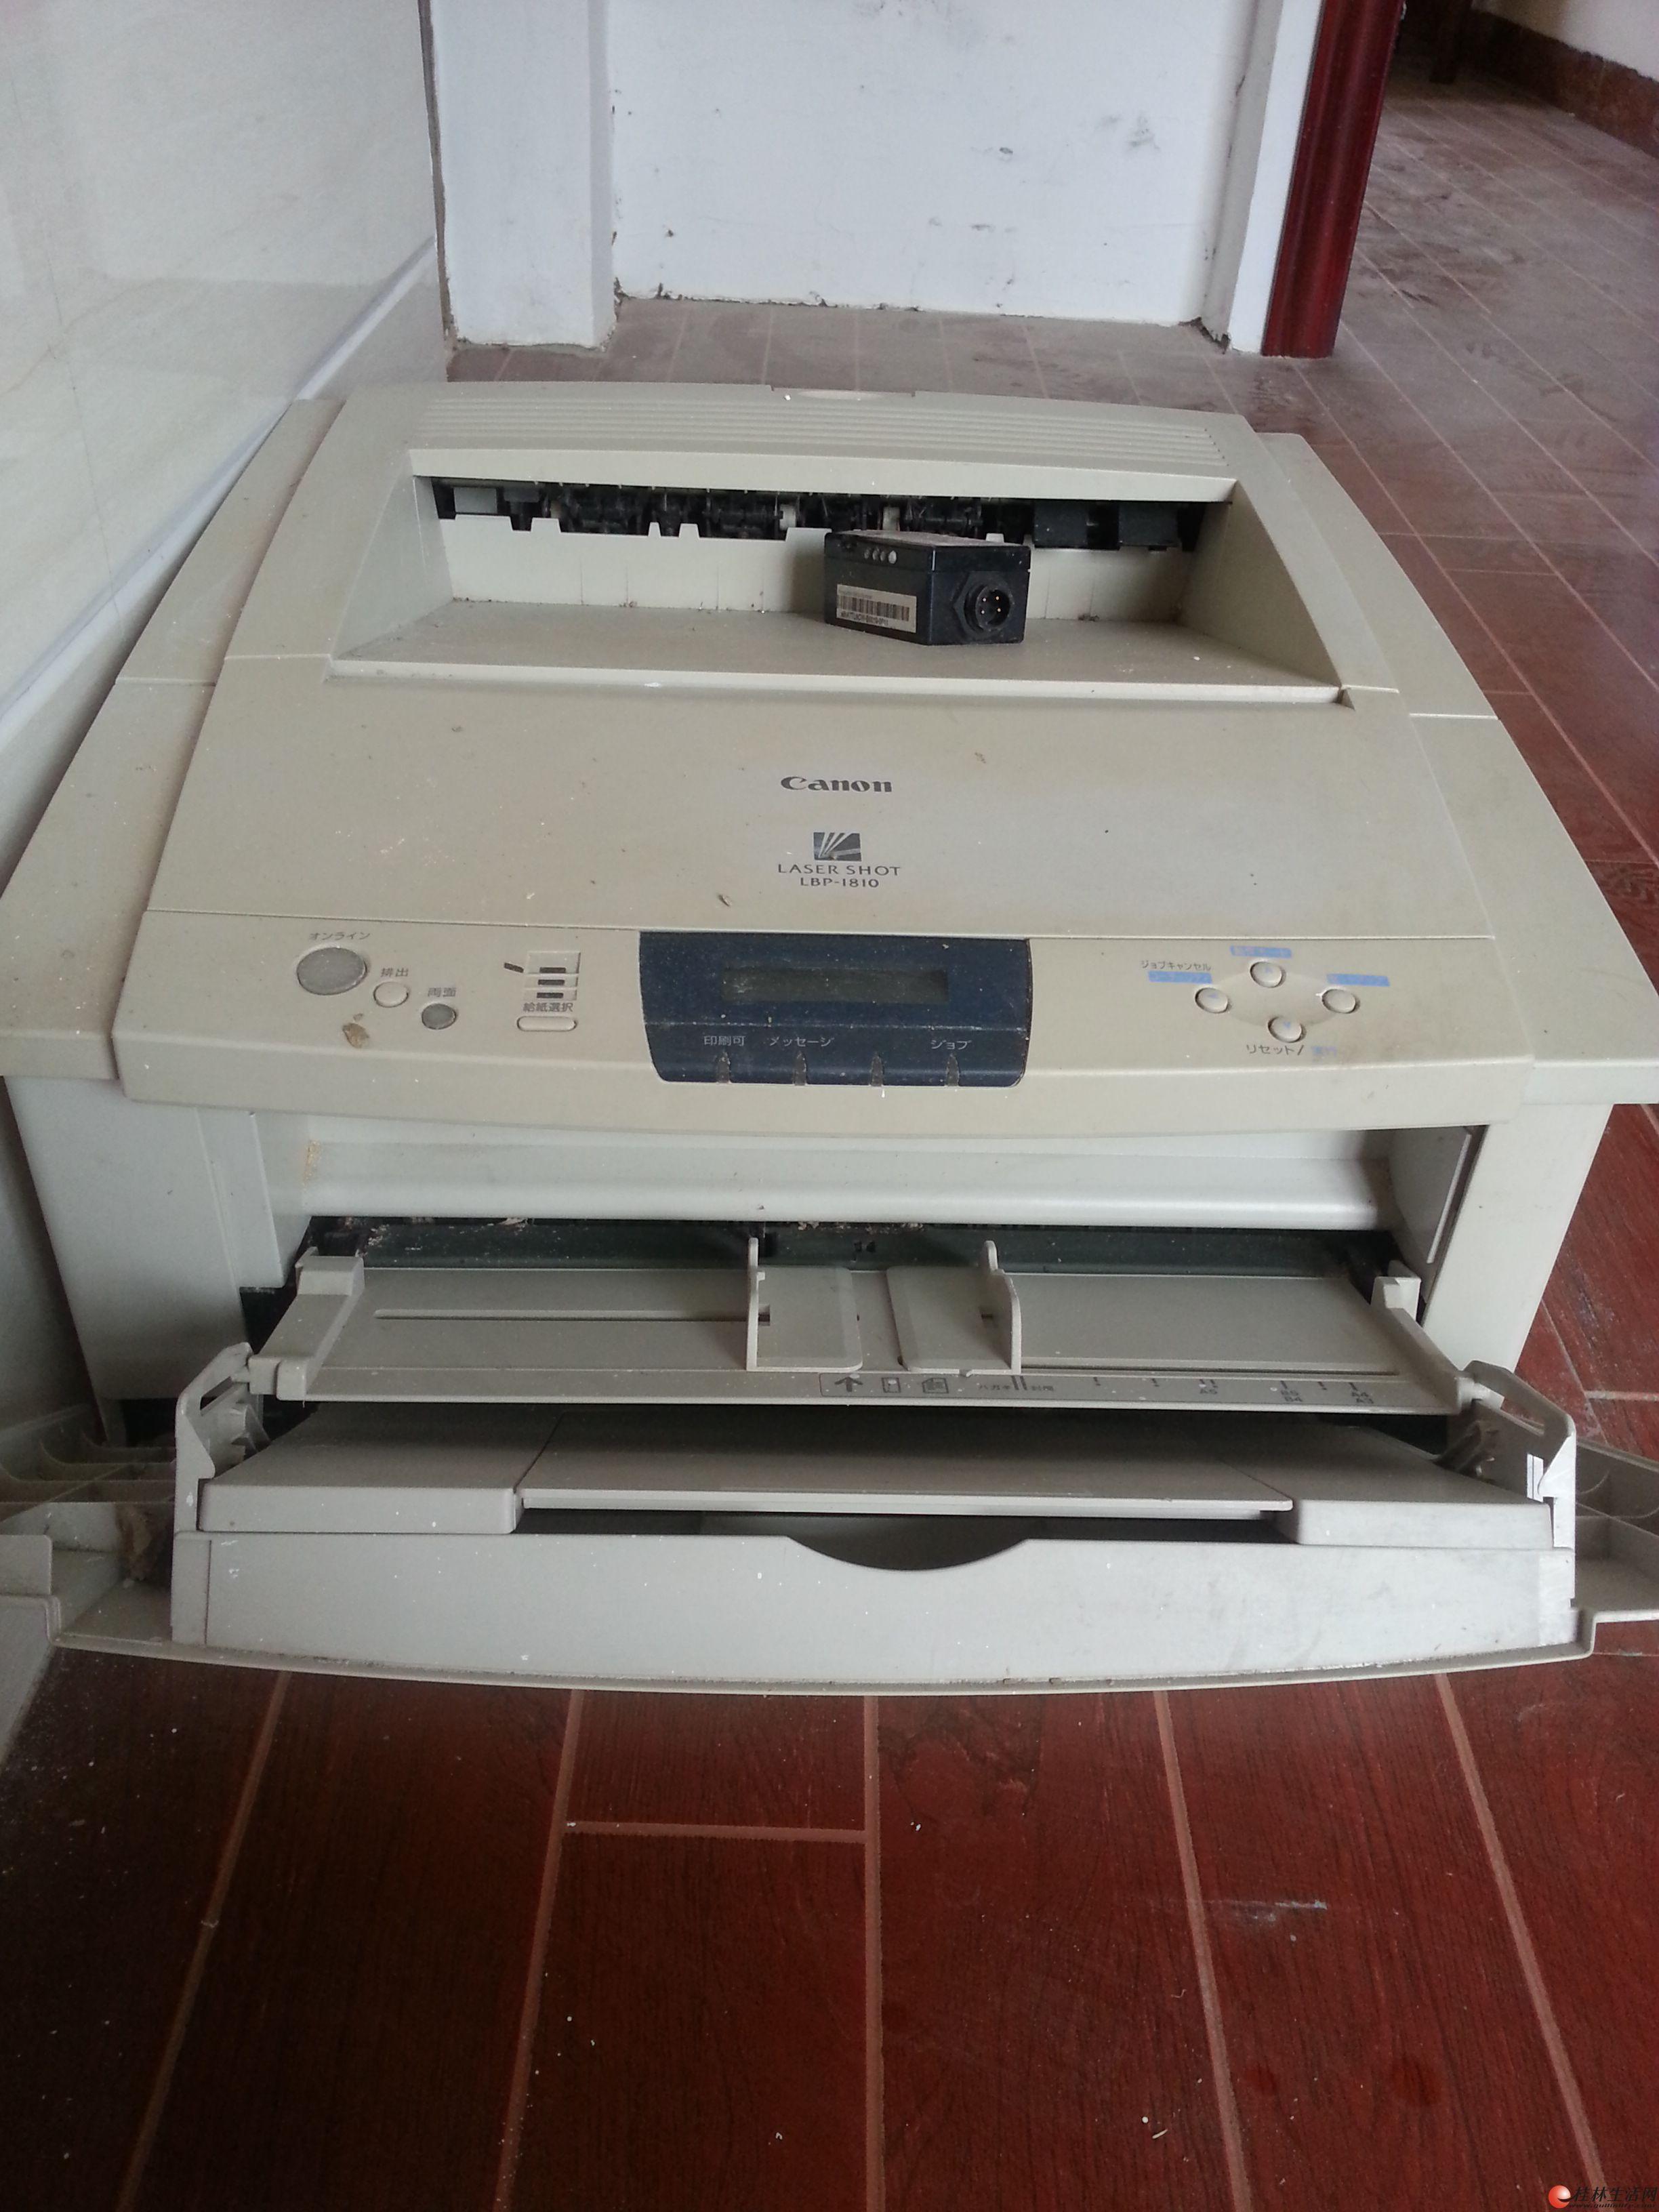 佳能LBP1810 CAD制版硫酸打印机canon激光a3黑白纸自动手动